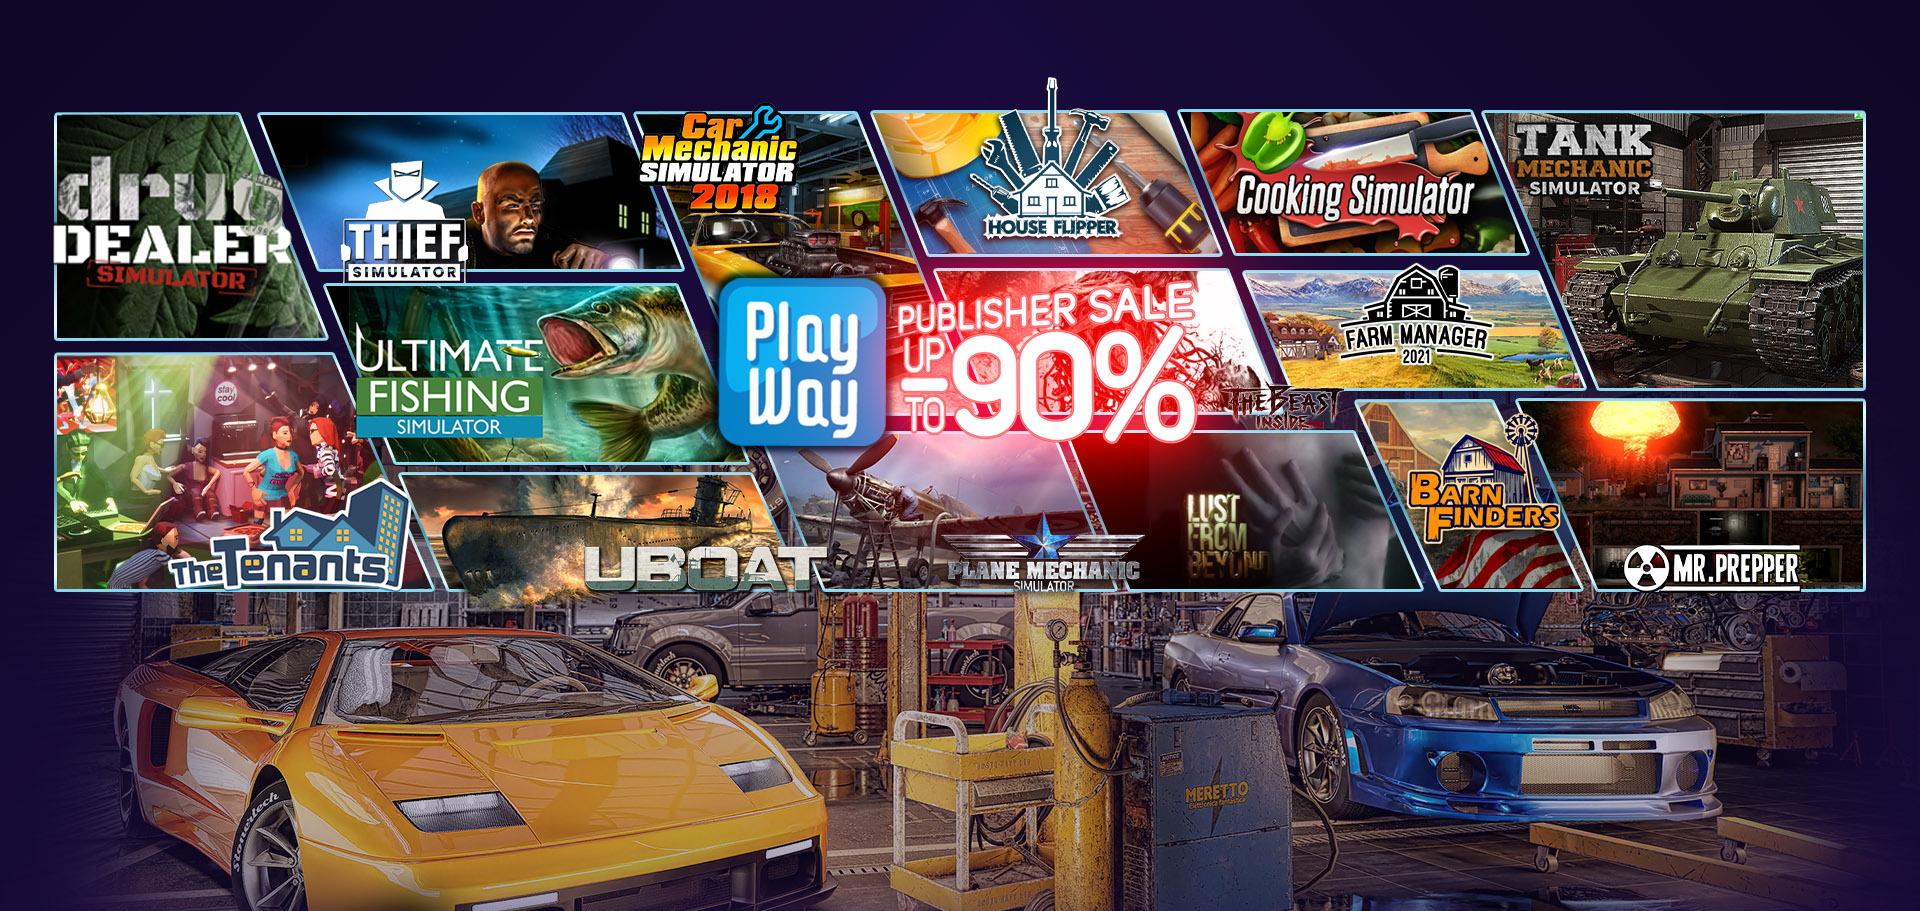 ВSteam началась распродажа игр вжанре симулятор. Скидки до90%,цены от16 рублей